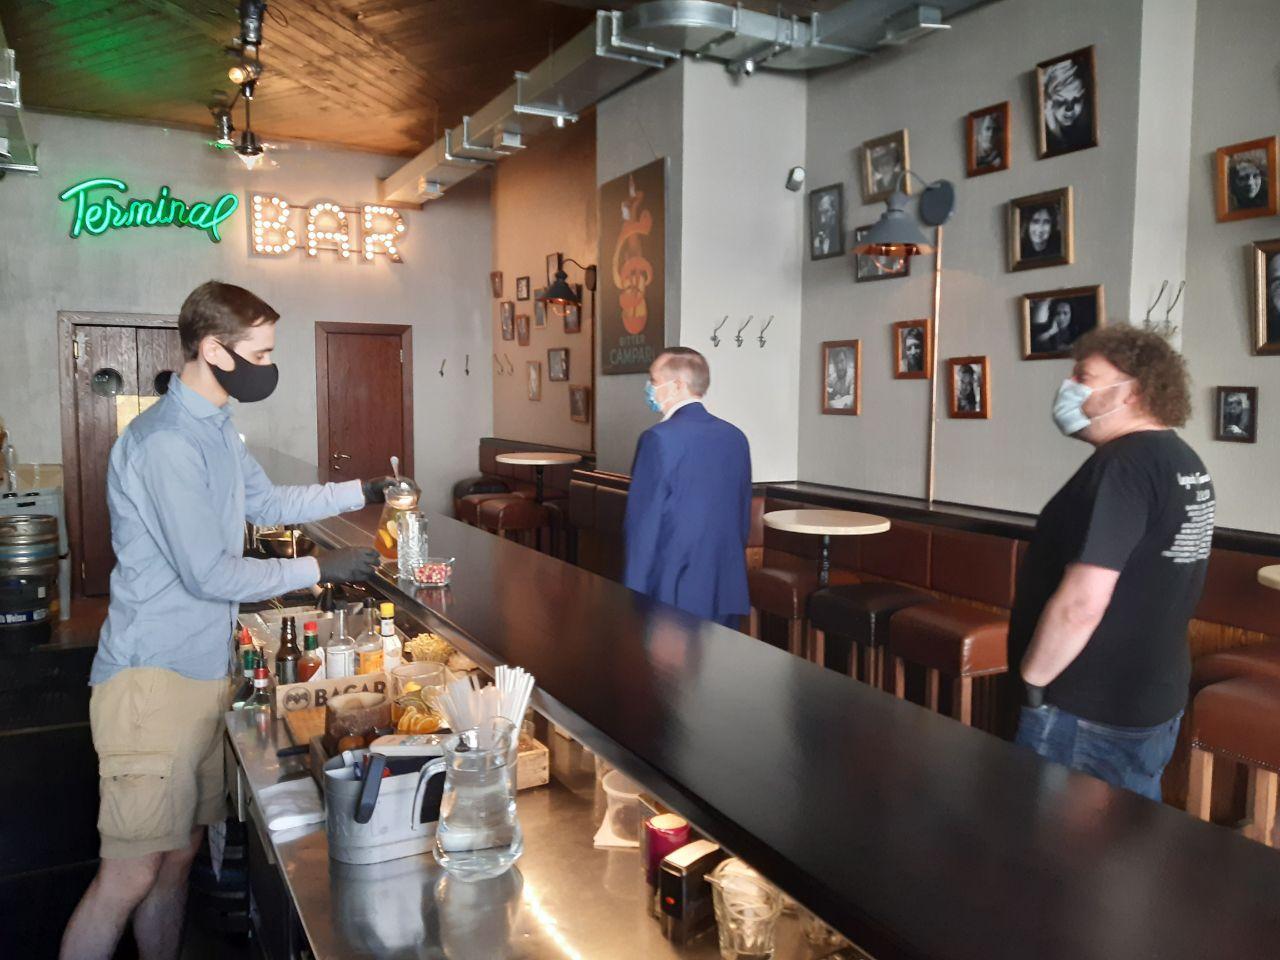 """фото ЗакС политика Беглов посетил бар """"Терминал"""", который рискует закрыться из-за закона о """"наливайках"""""""